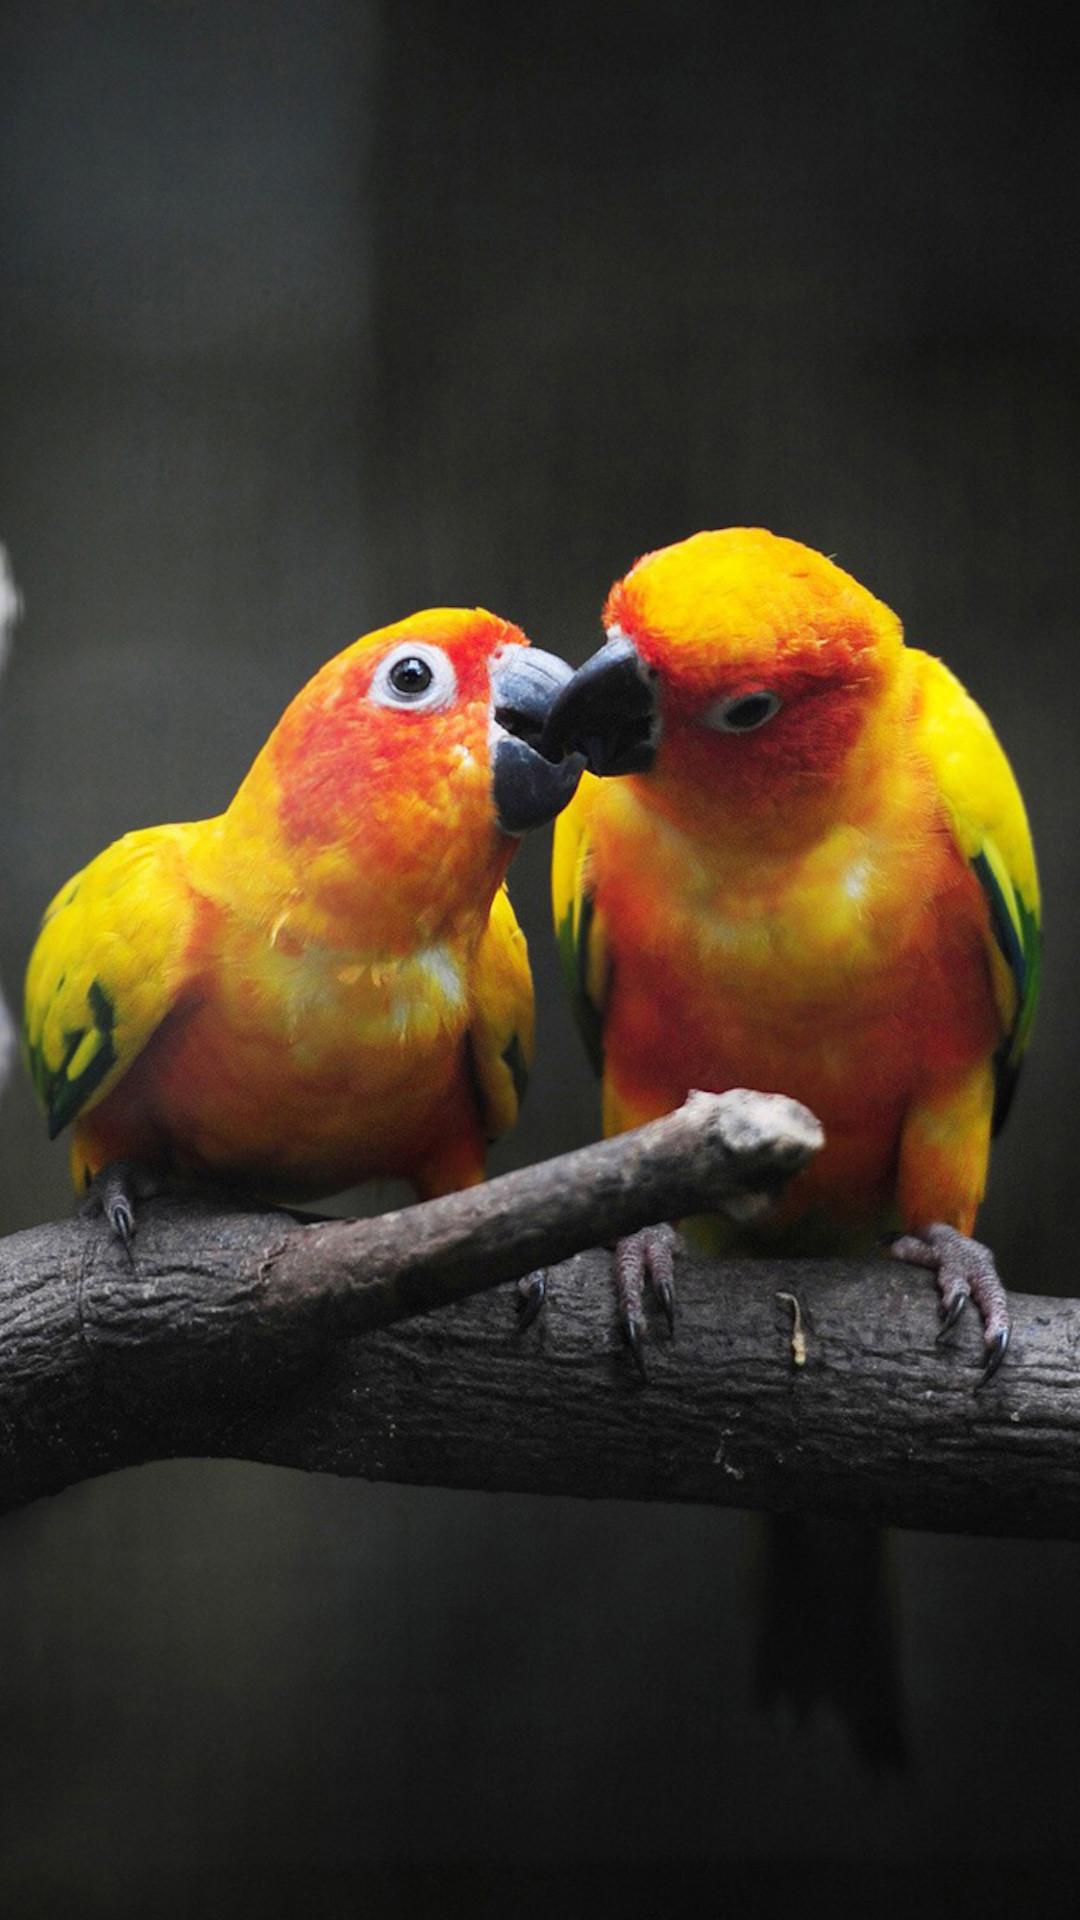 love bird wallpapers free download - love birds iphone hd wallpaper